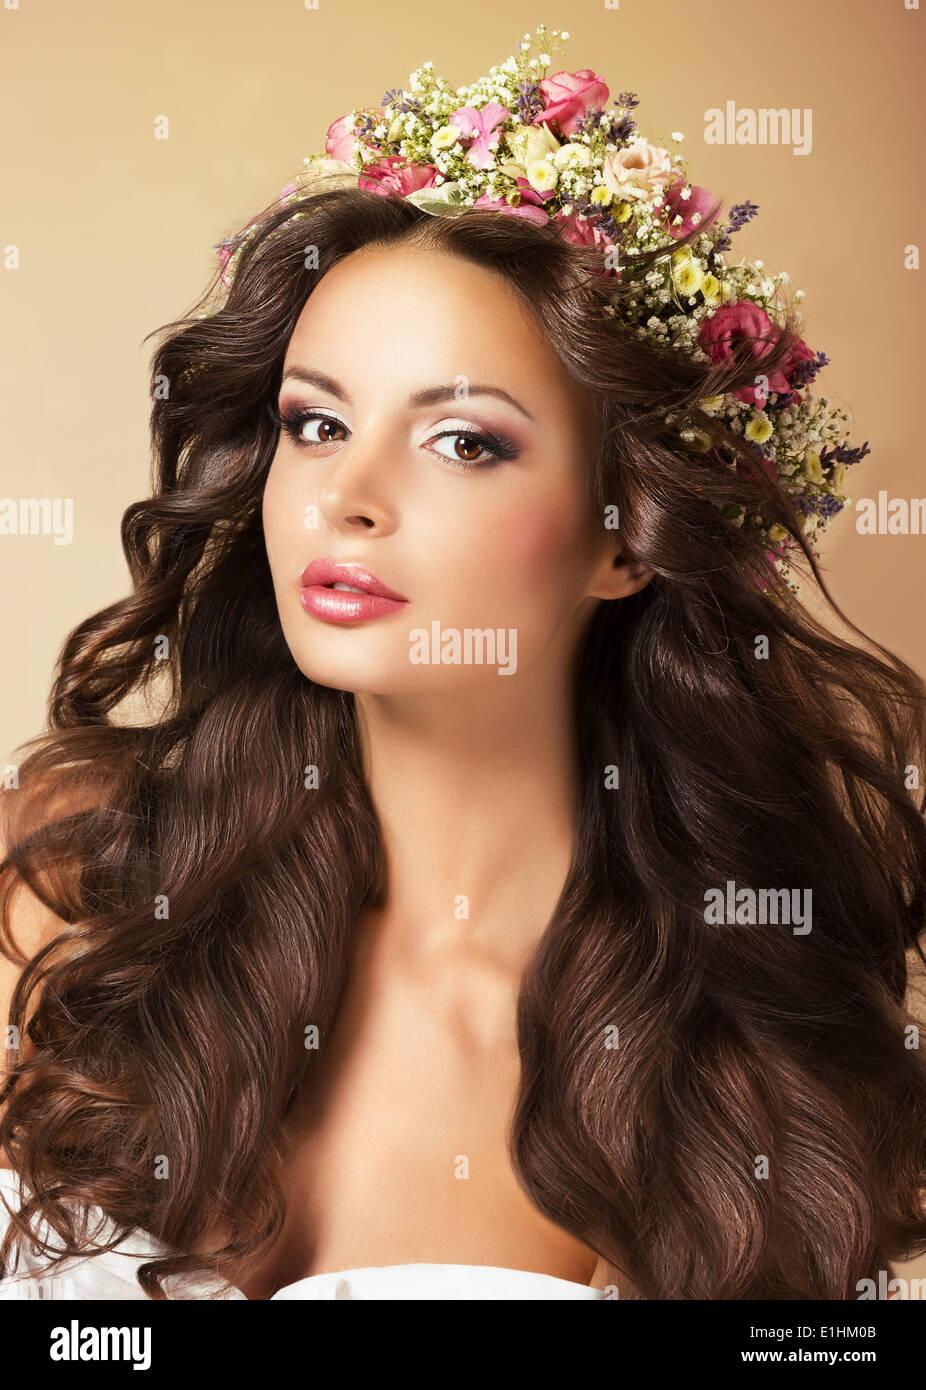 Modèle de mode chic avec une parfaite Flossy cheveux bruns et gerbe de fleurs Photo Stock